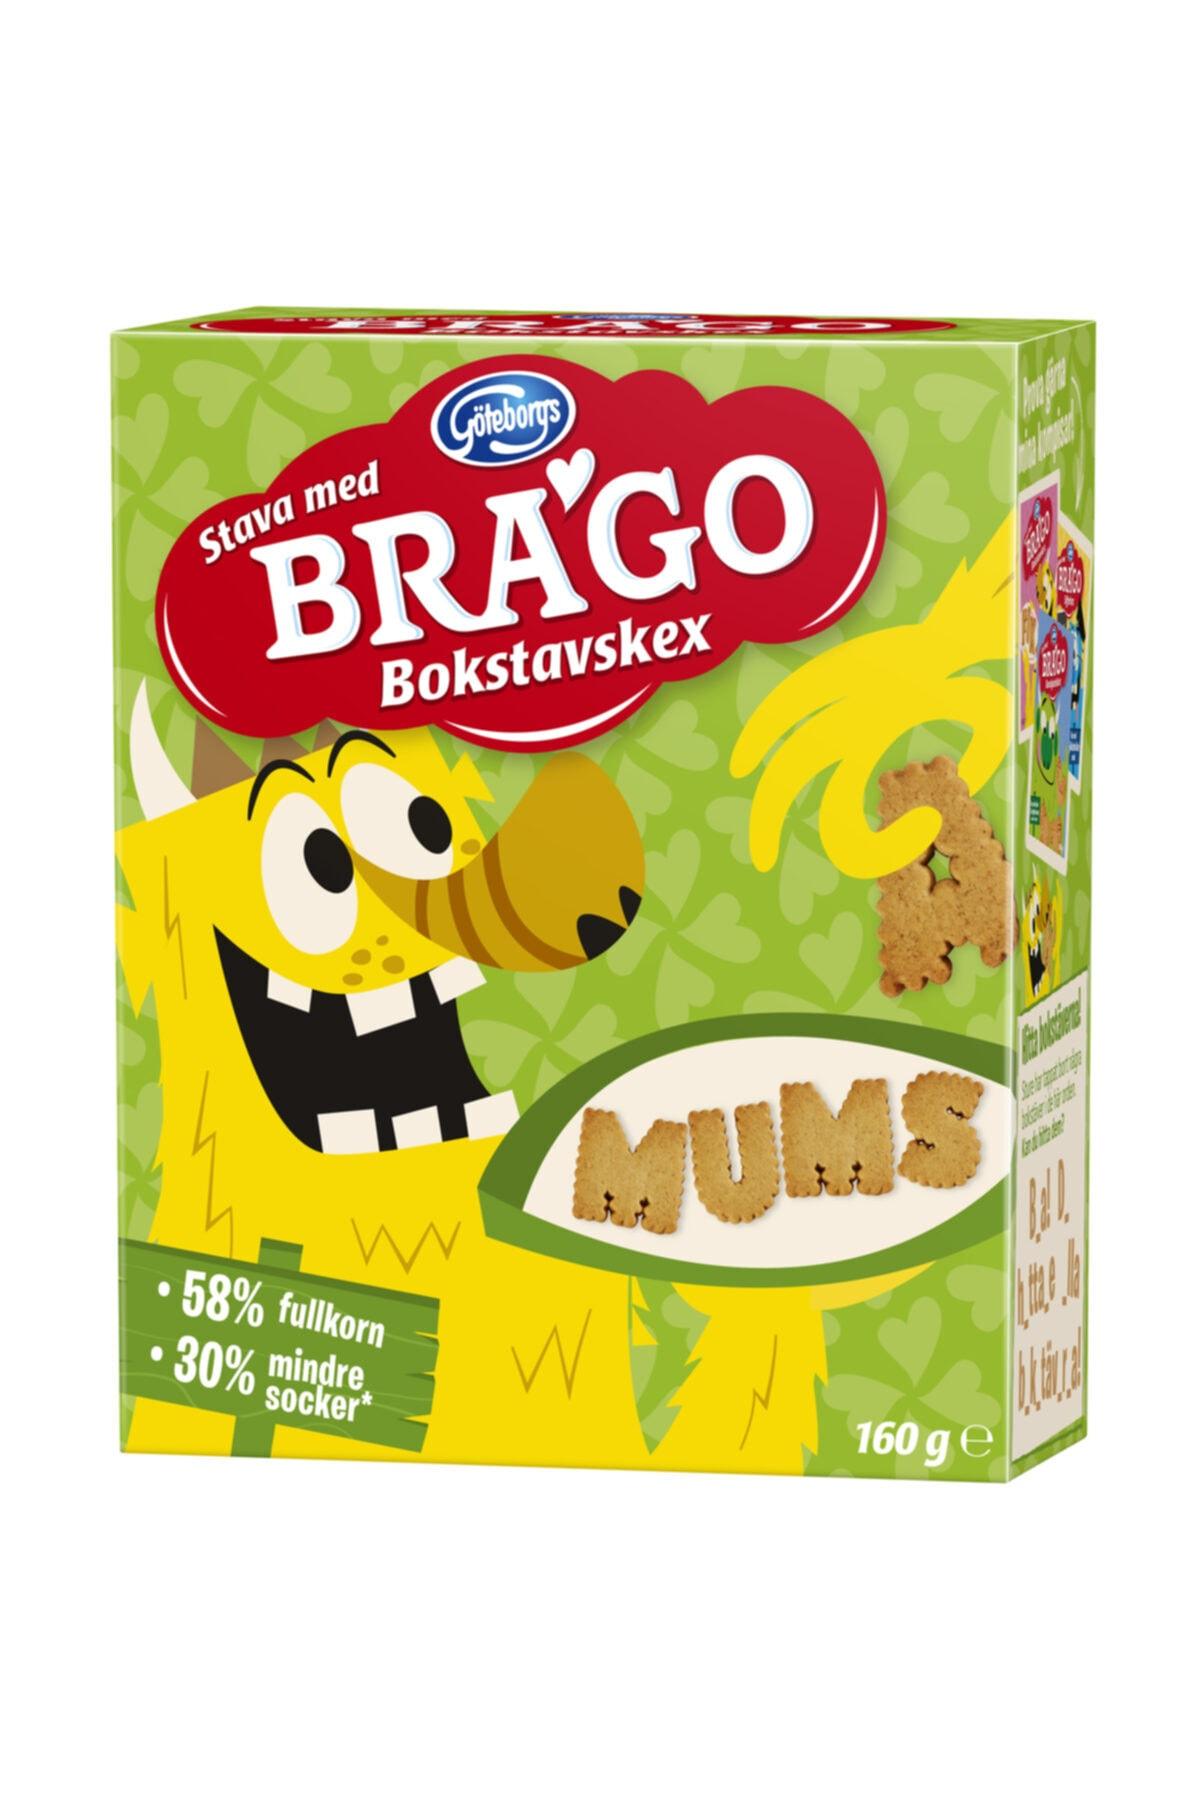 IKEA Brago Harf Şekilli Bisküvi 160g Çocuklar Için 1